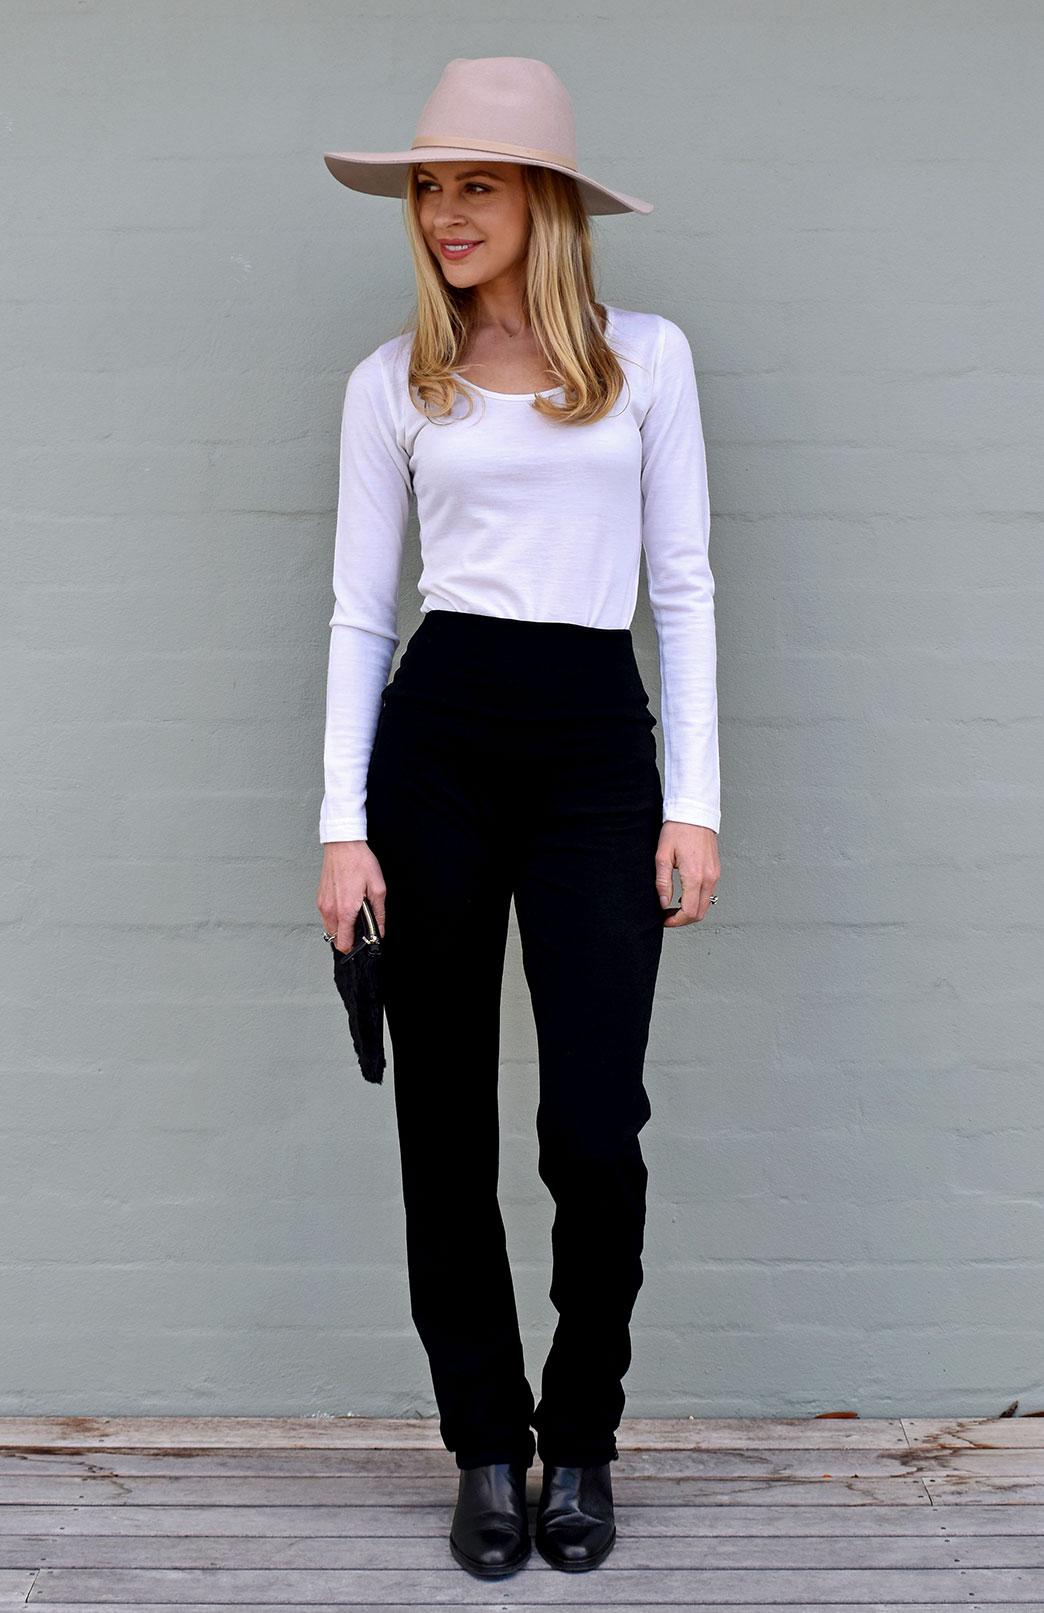 Straight Leg Pants - Midweight - Women's Black Midweight Wool Straight Leg Pants with wide waistband - Smitten Merino Tasmania Australia